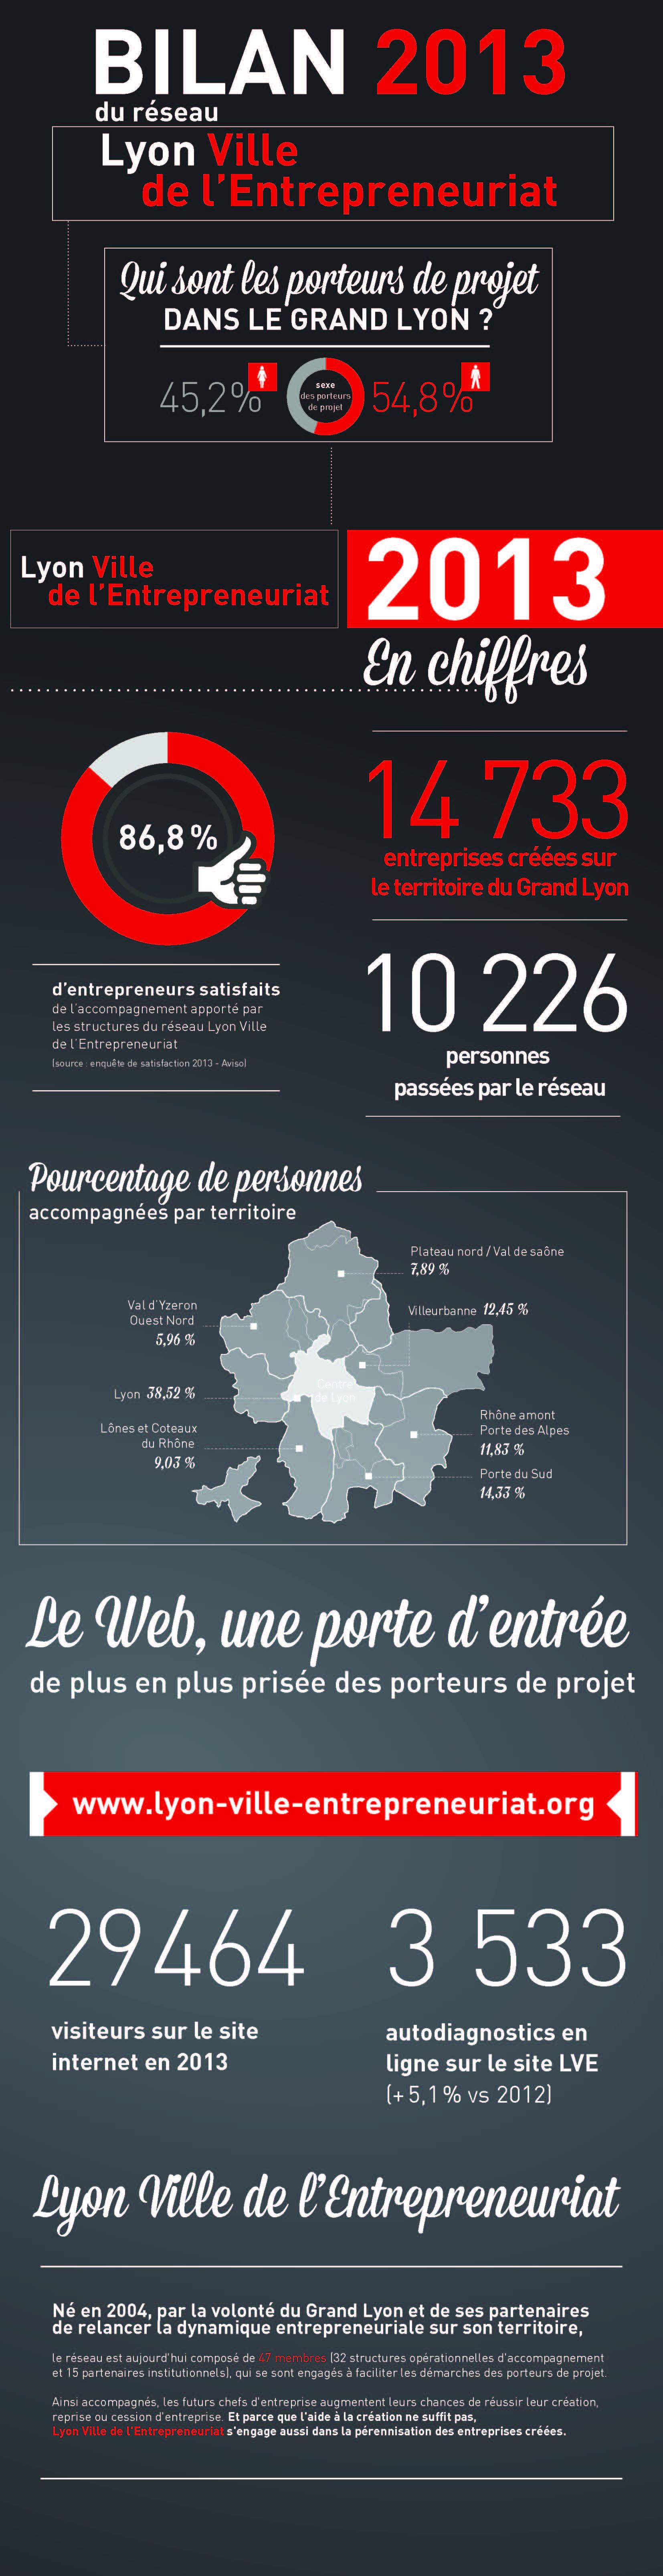 Infographie - Lyon Ville de l'entrepreneuriat